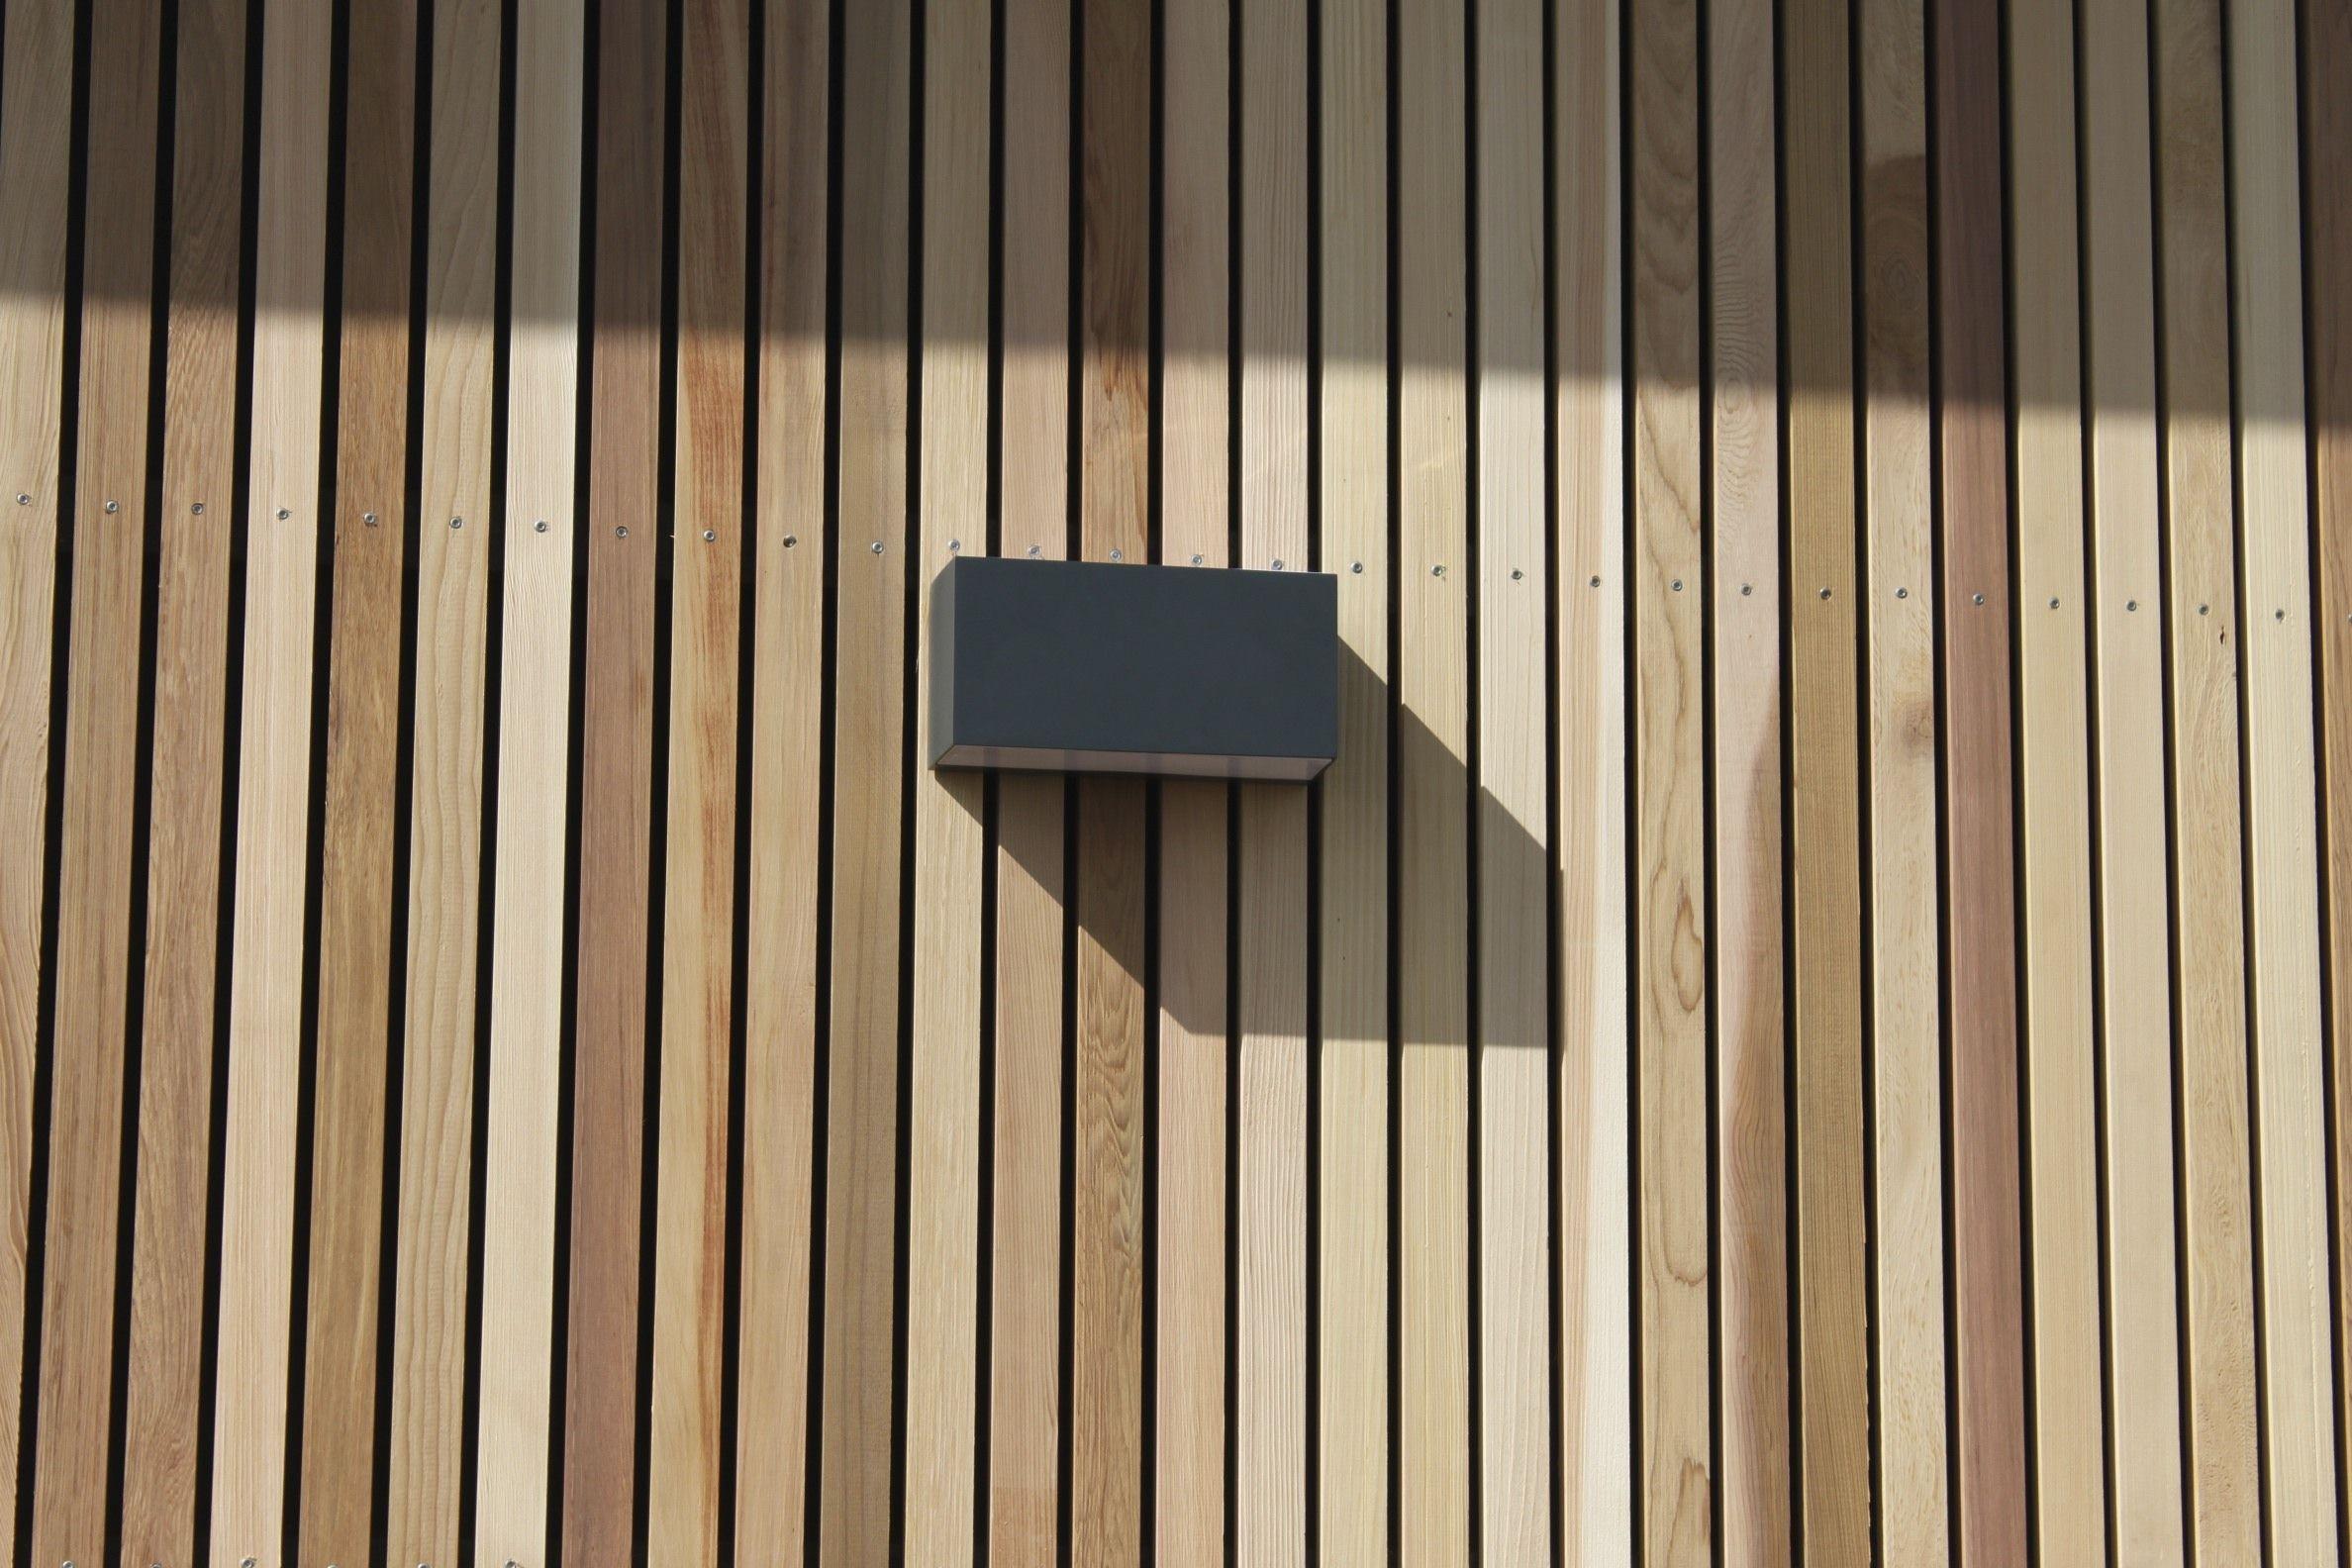 Forskellige facade trælister - Google-søgning | Vordingborgvej | Wood cladding KQ83